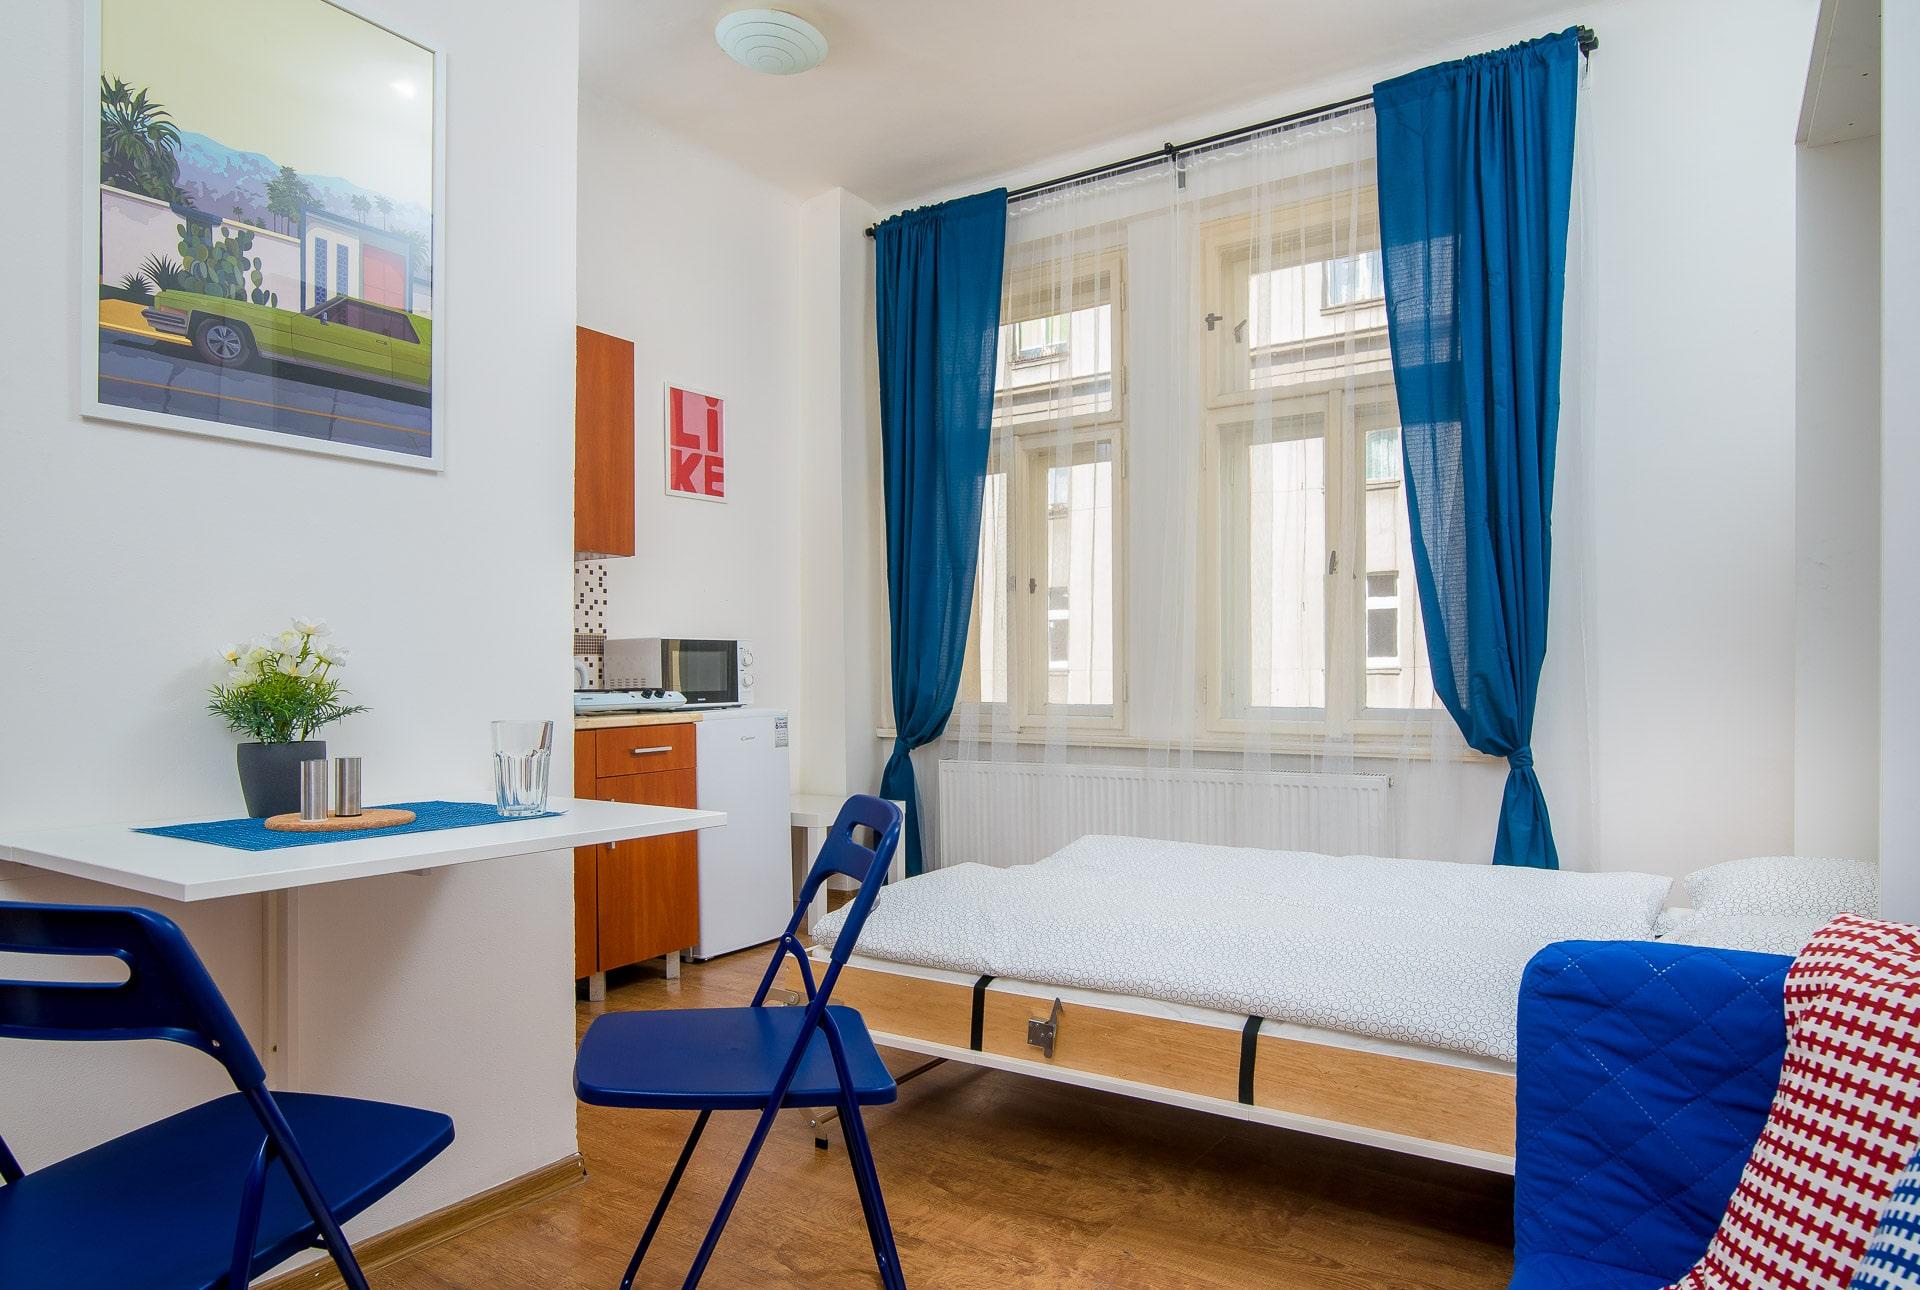 203 Sunny studio apartment for rent in Prague | EULIVIA ...